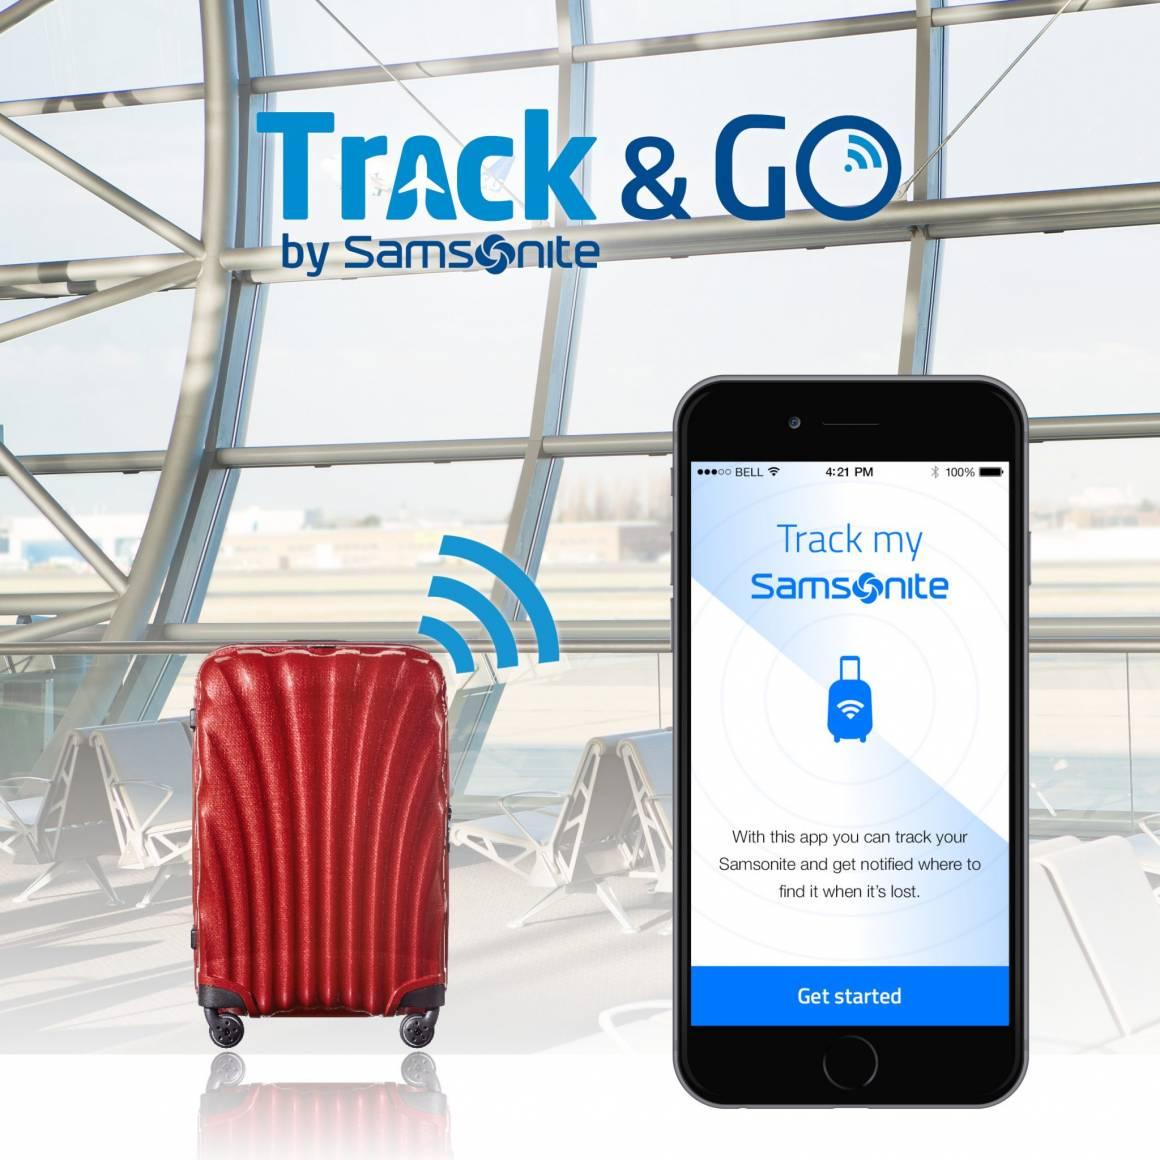 Come trovare il bagaglio smarrito con Samsonite TrackGo 1160x1160 - Come trovare il bagaglio smarrito con Samsonite Track&Go